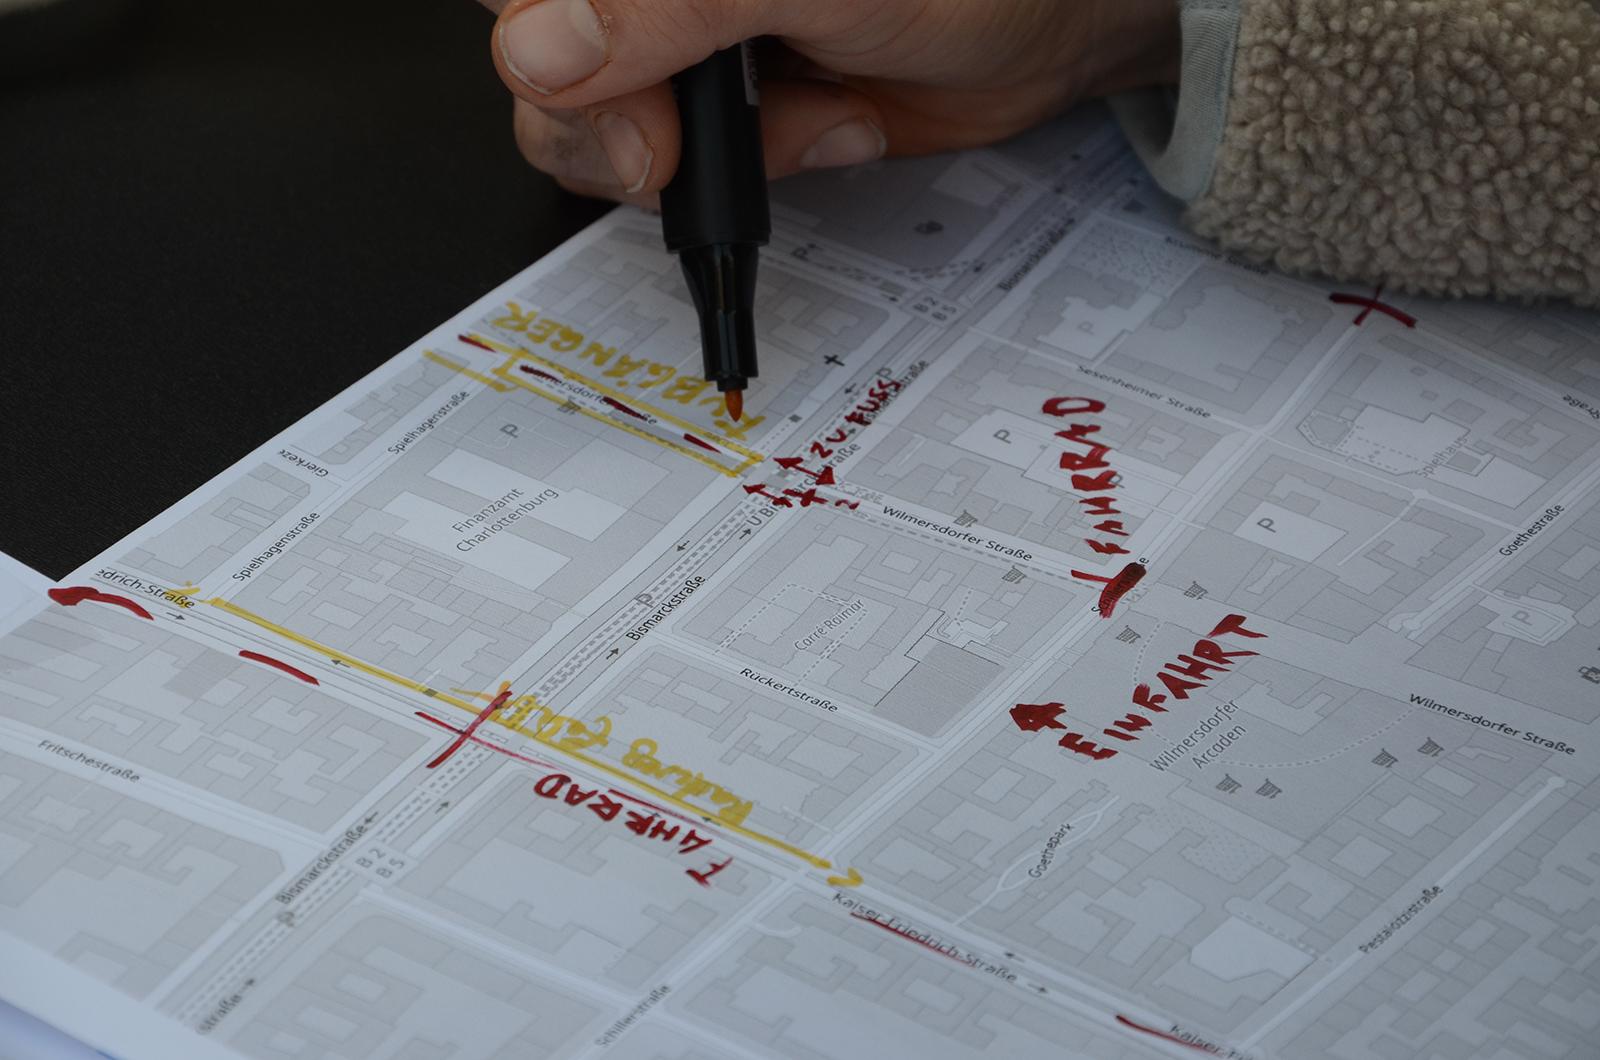 Auf einer Karte werden Anmerkungen der Bürger:innen verortet.